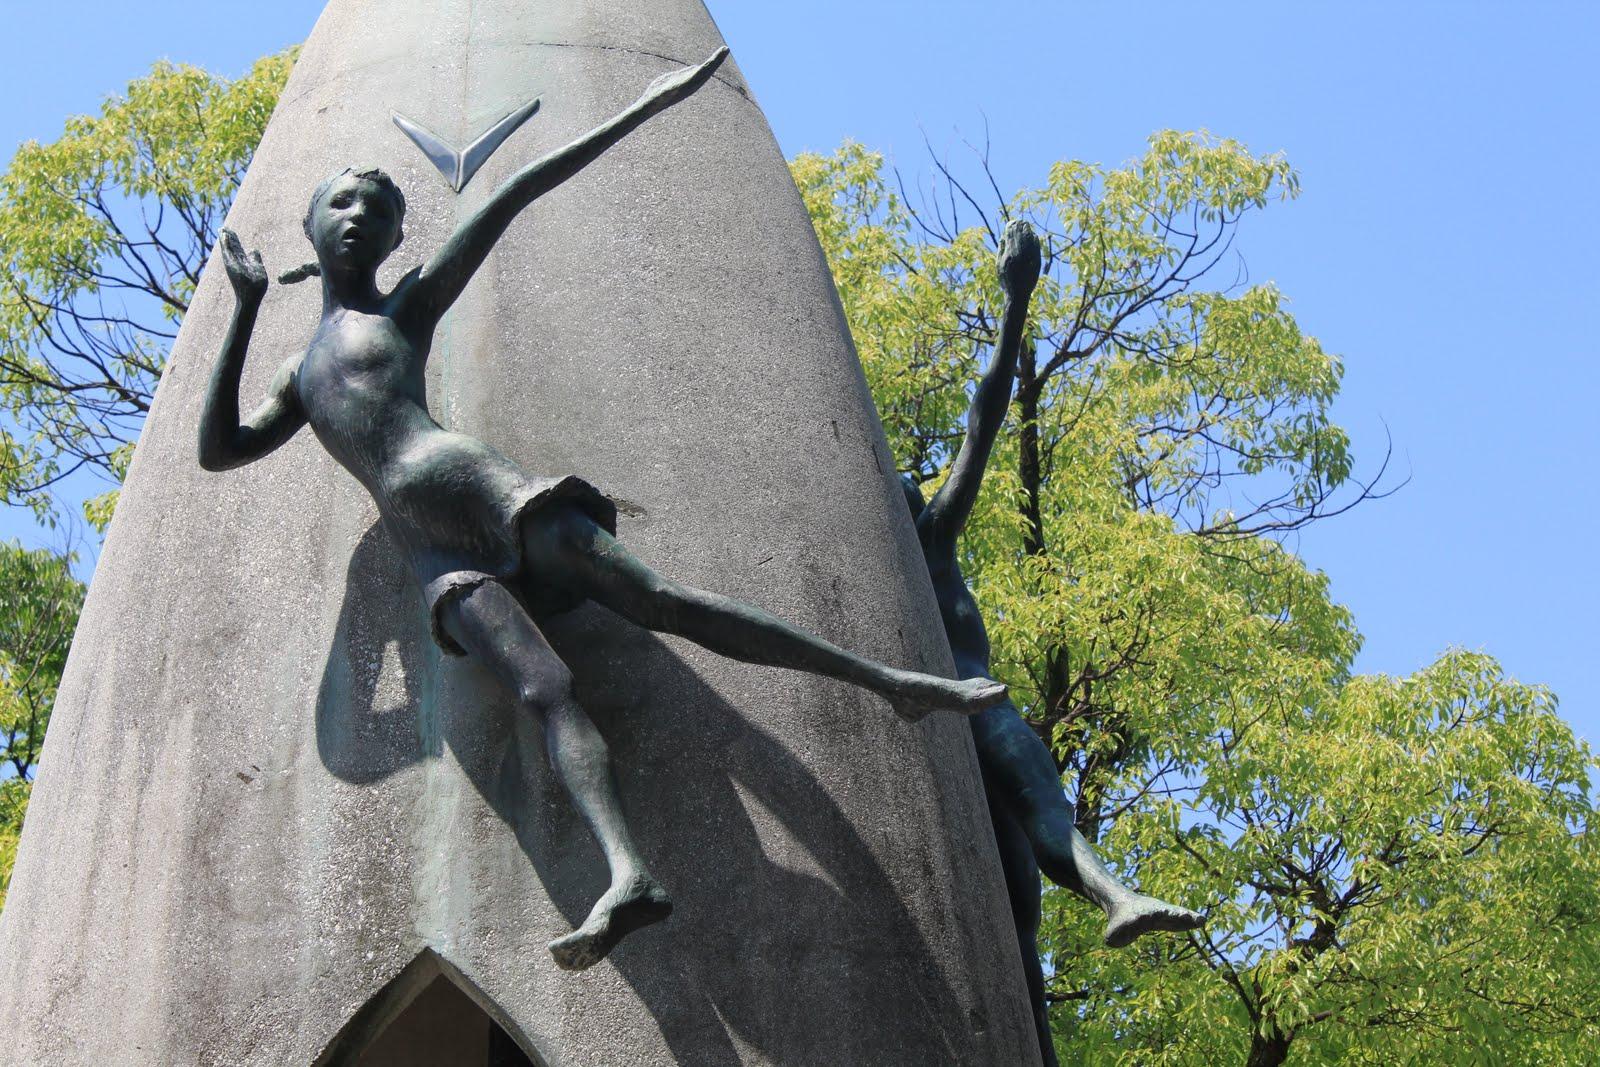 Statue i spomenici posvećene deci Figures+on+monument